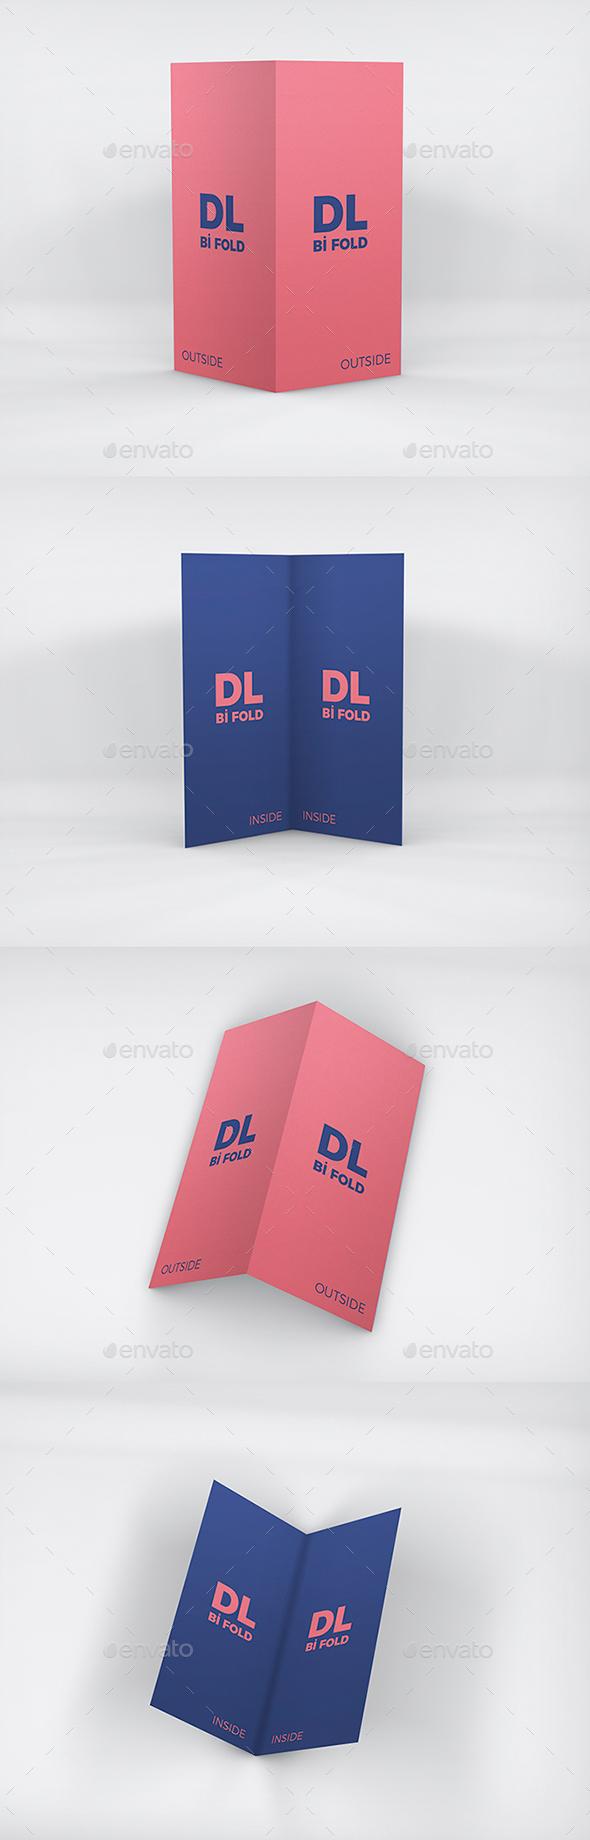 DL Bi-Fold Mockup